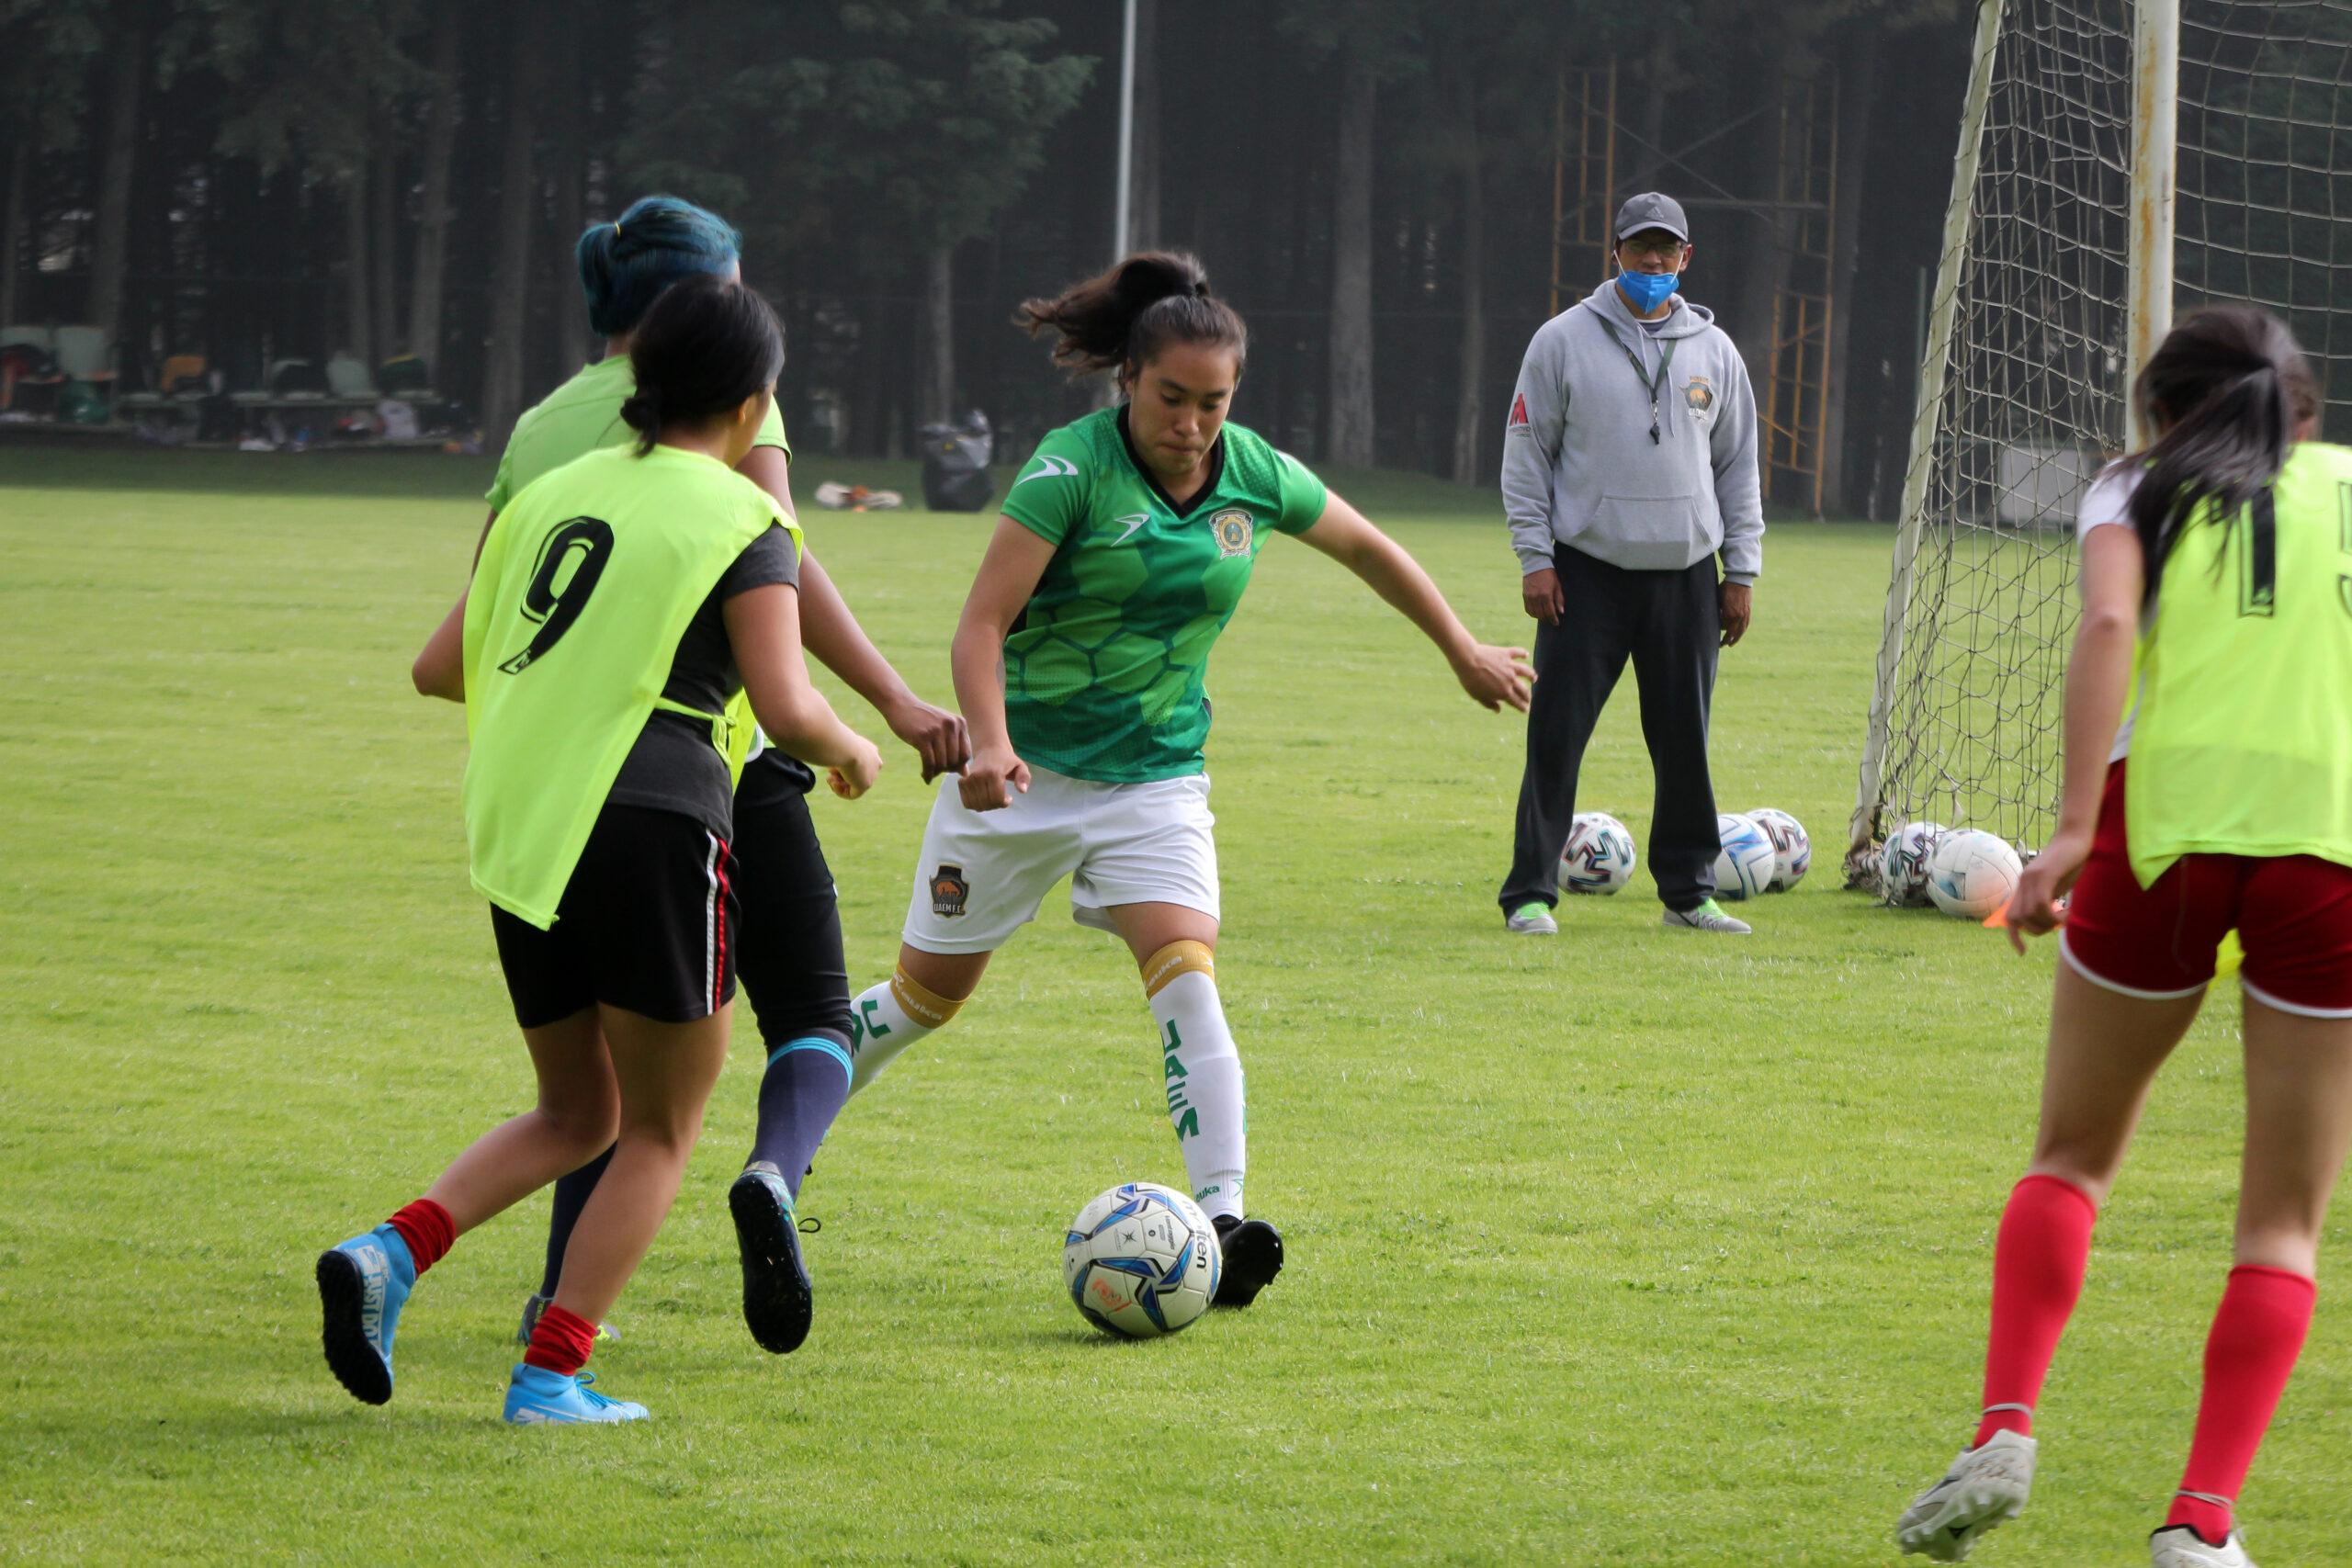 Edna Perea Araujo, goleadora de la UAEM invitada a jugar en Armenia